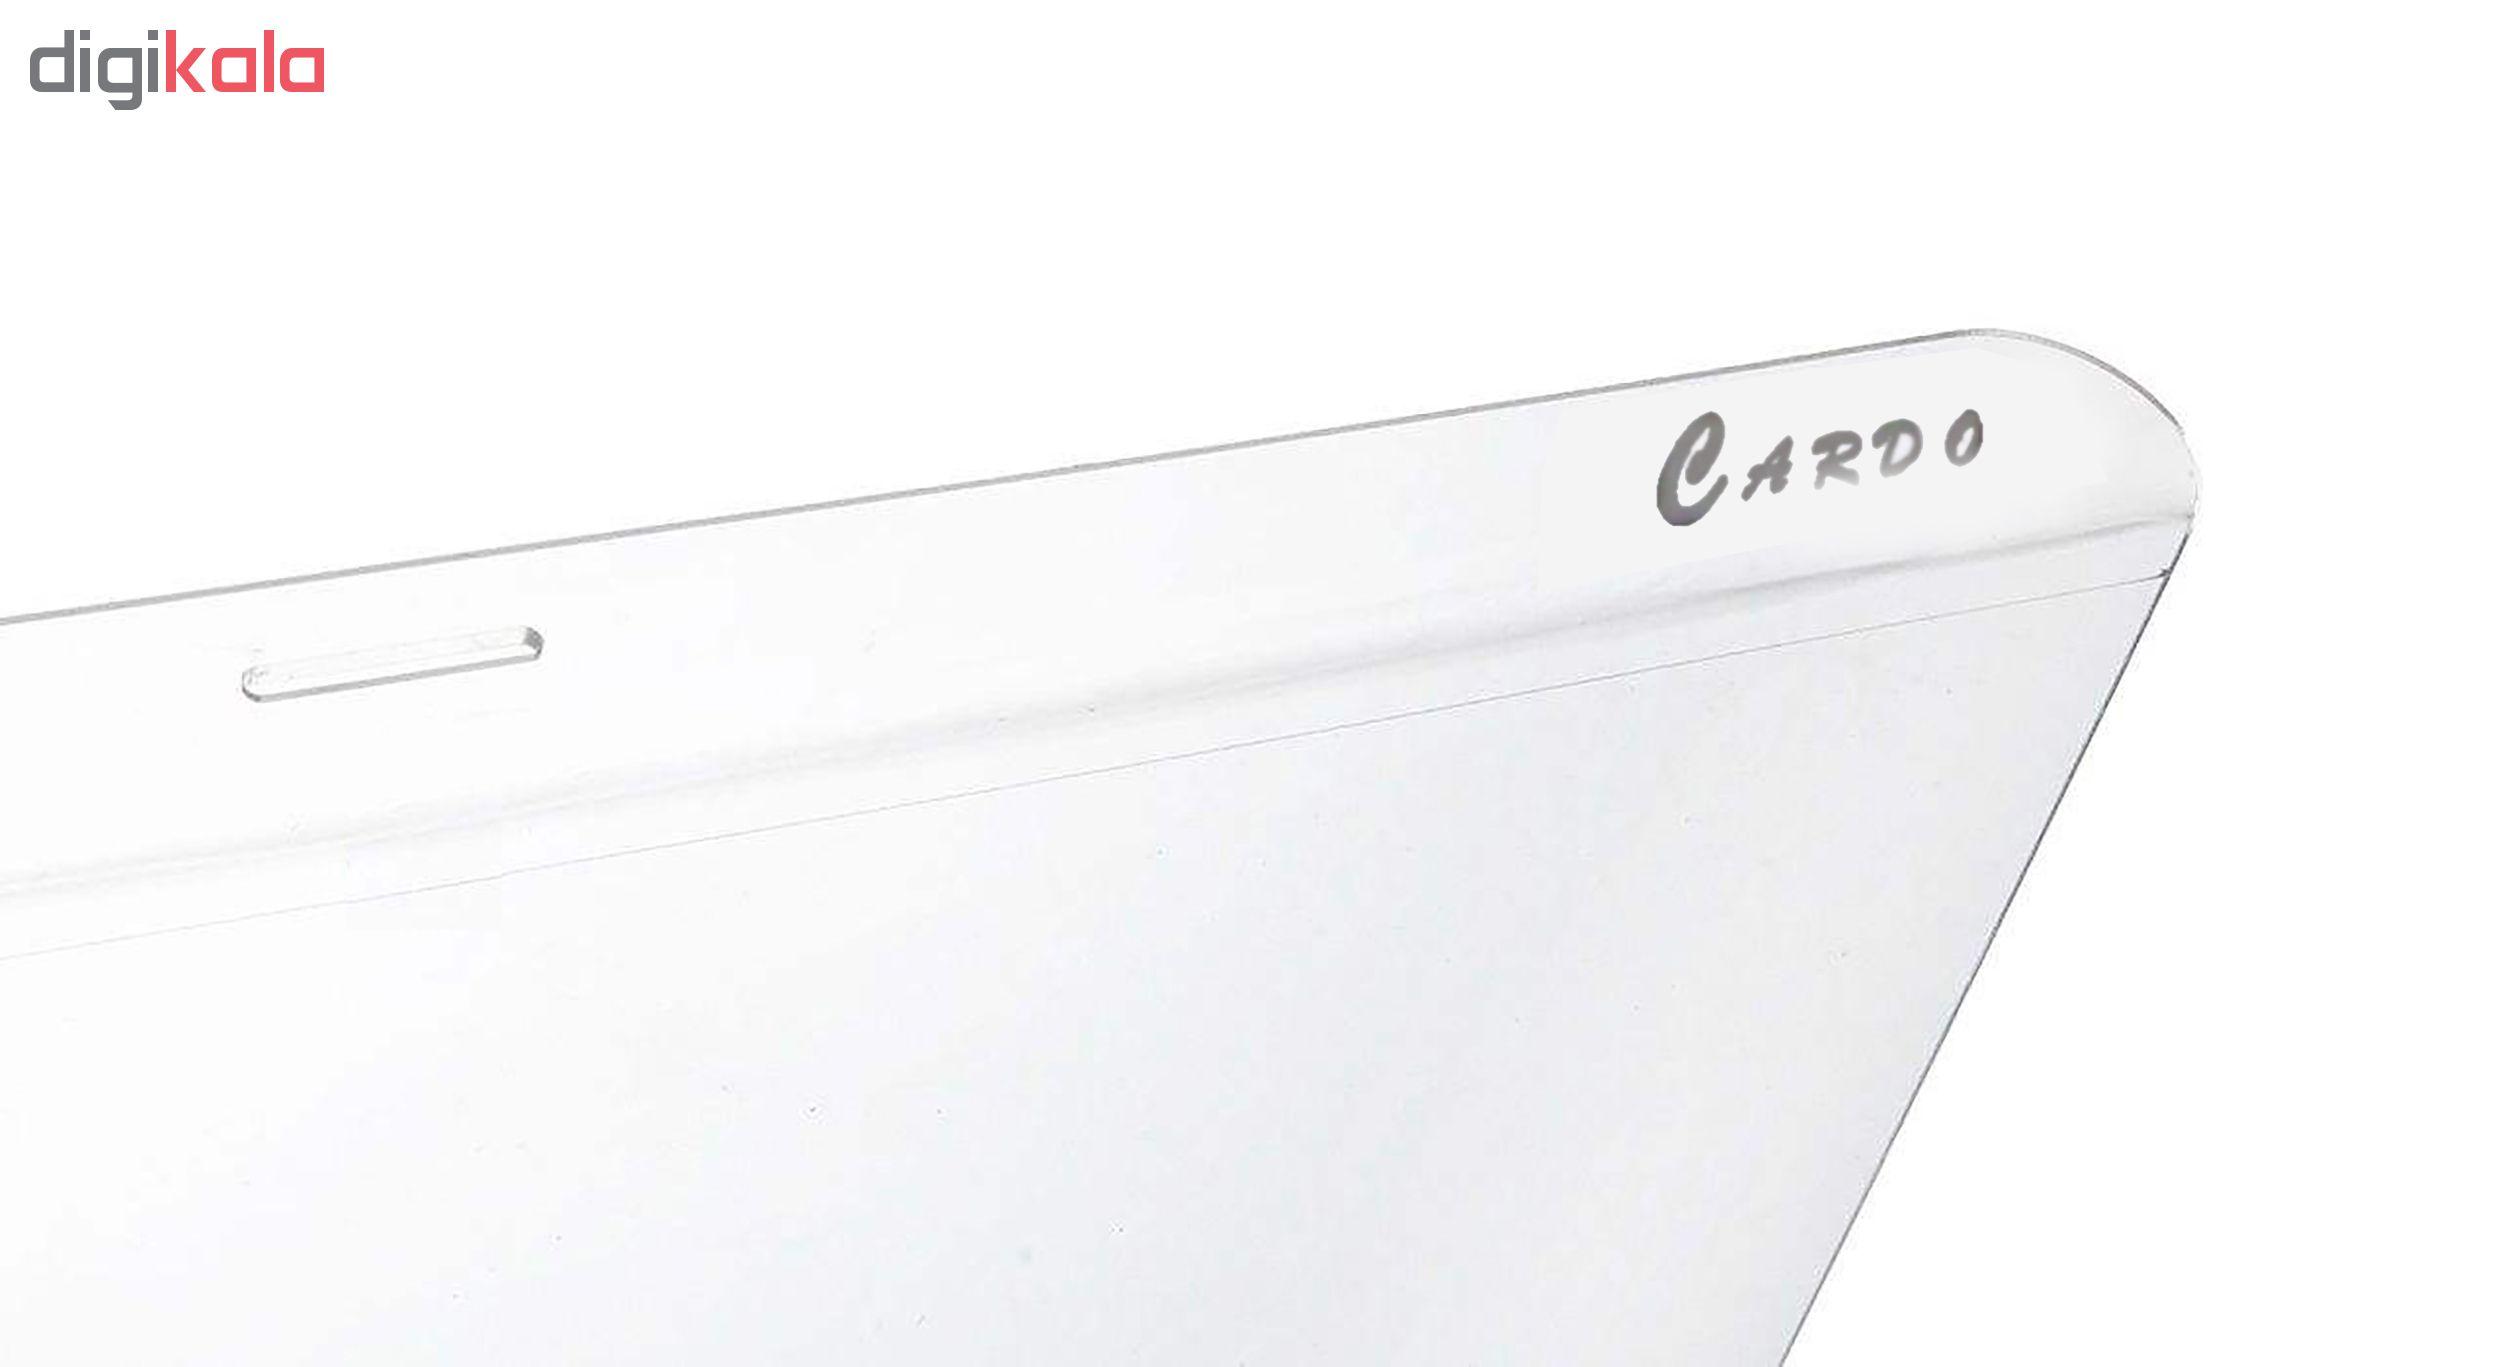 محافظ صفحه تلویزیون کاردو مدل C48 مناسب برای تلویزیون 48 اینچ